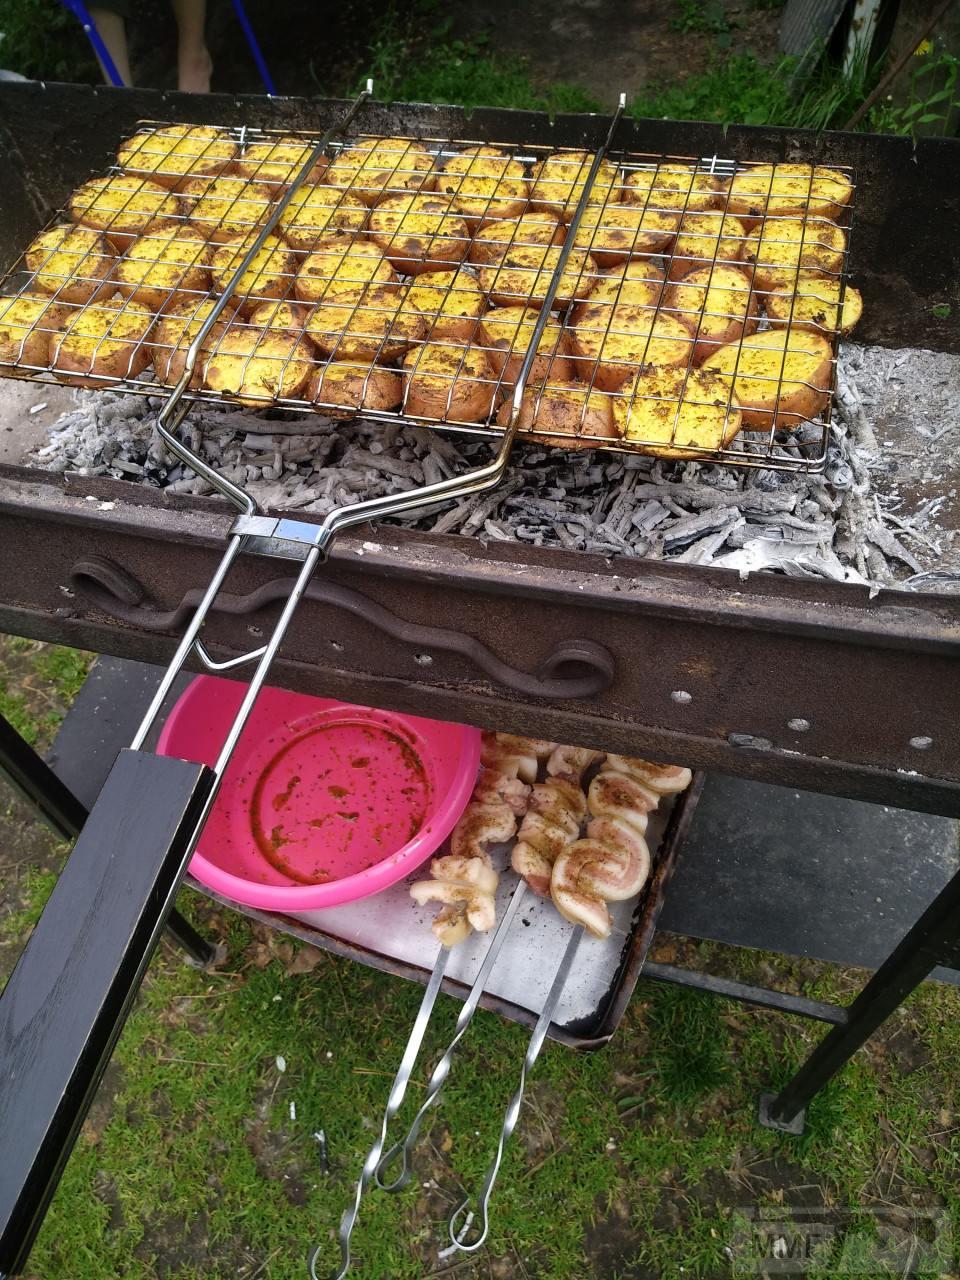 102314 - Закуски на огне (мангал, барбекю и т.д.) и кулинария вообще. Советы и рецепты.